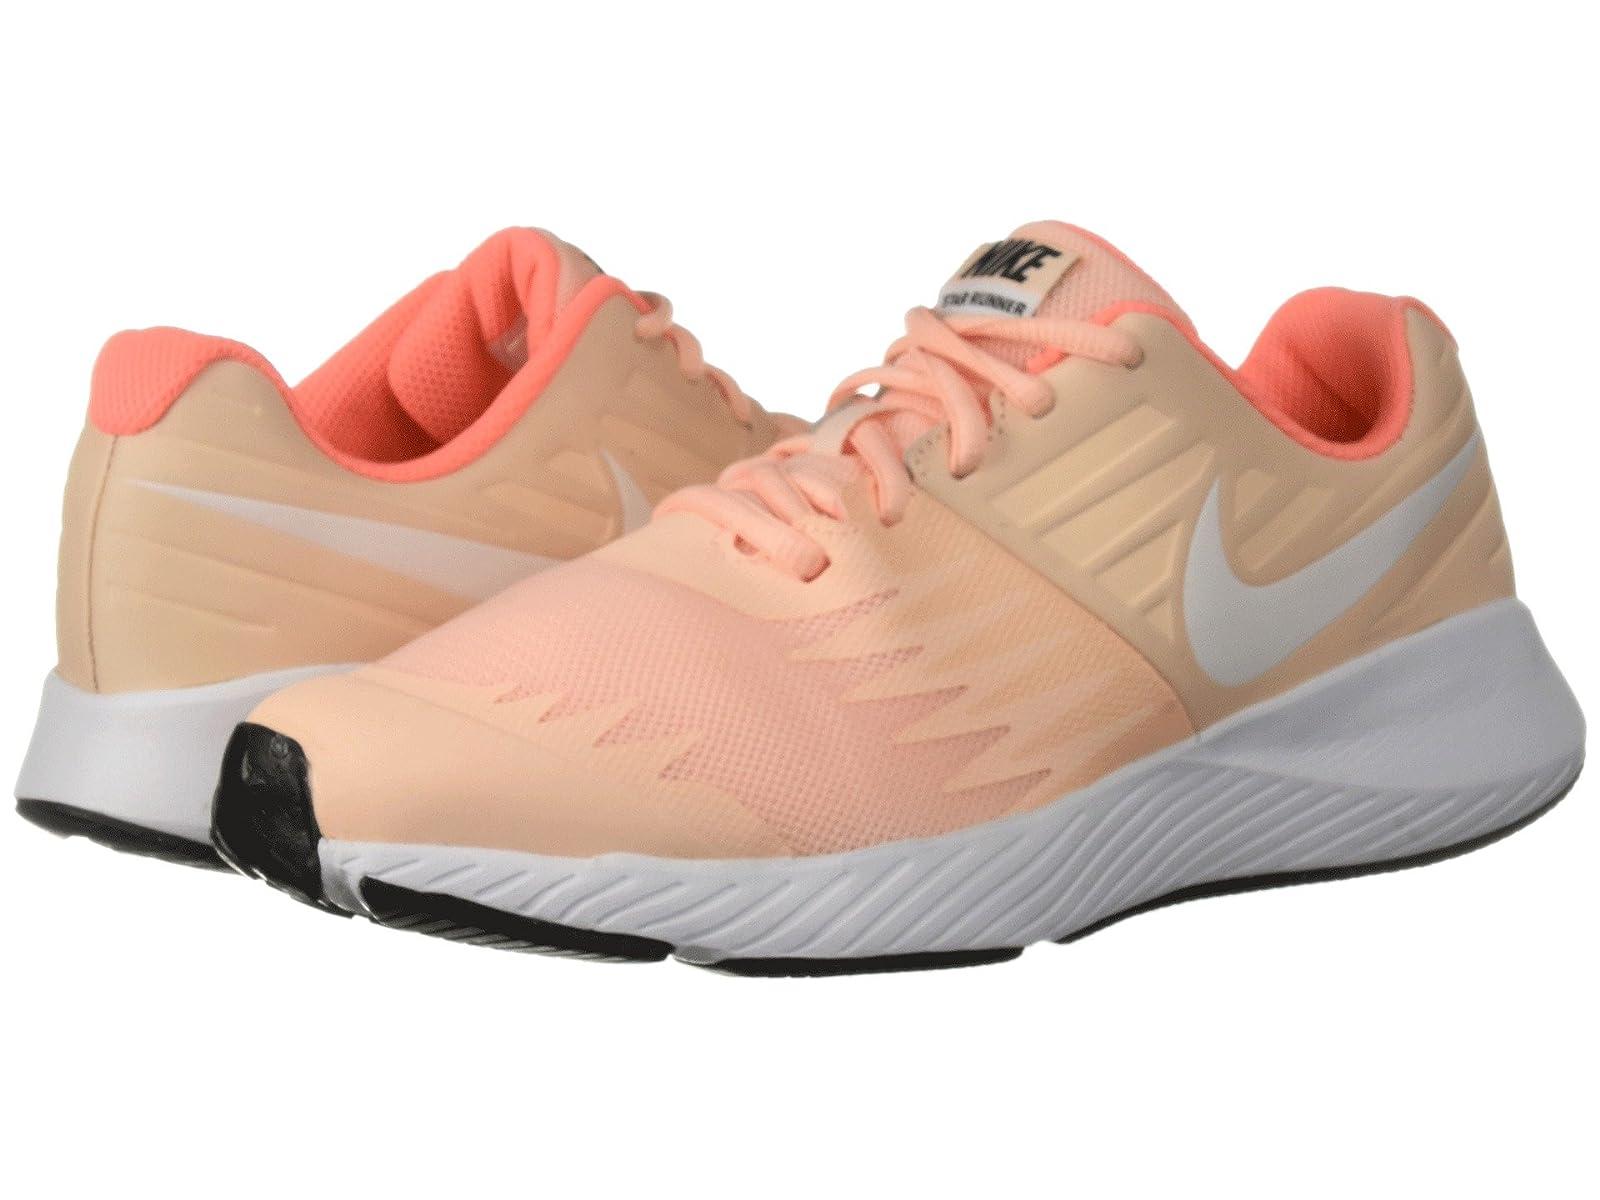 Nike Kids Star Runner (Big Kid)Atmospheric grades have affordable shoes